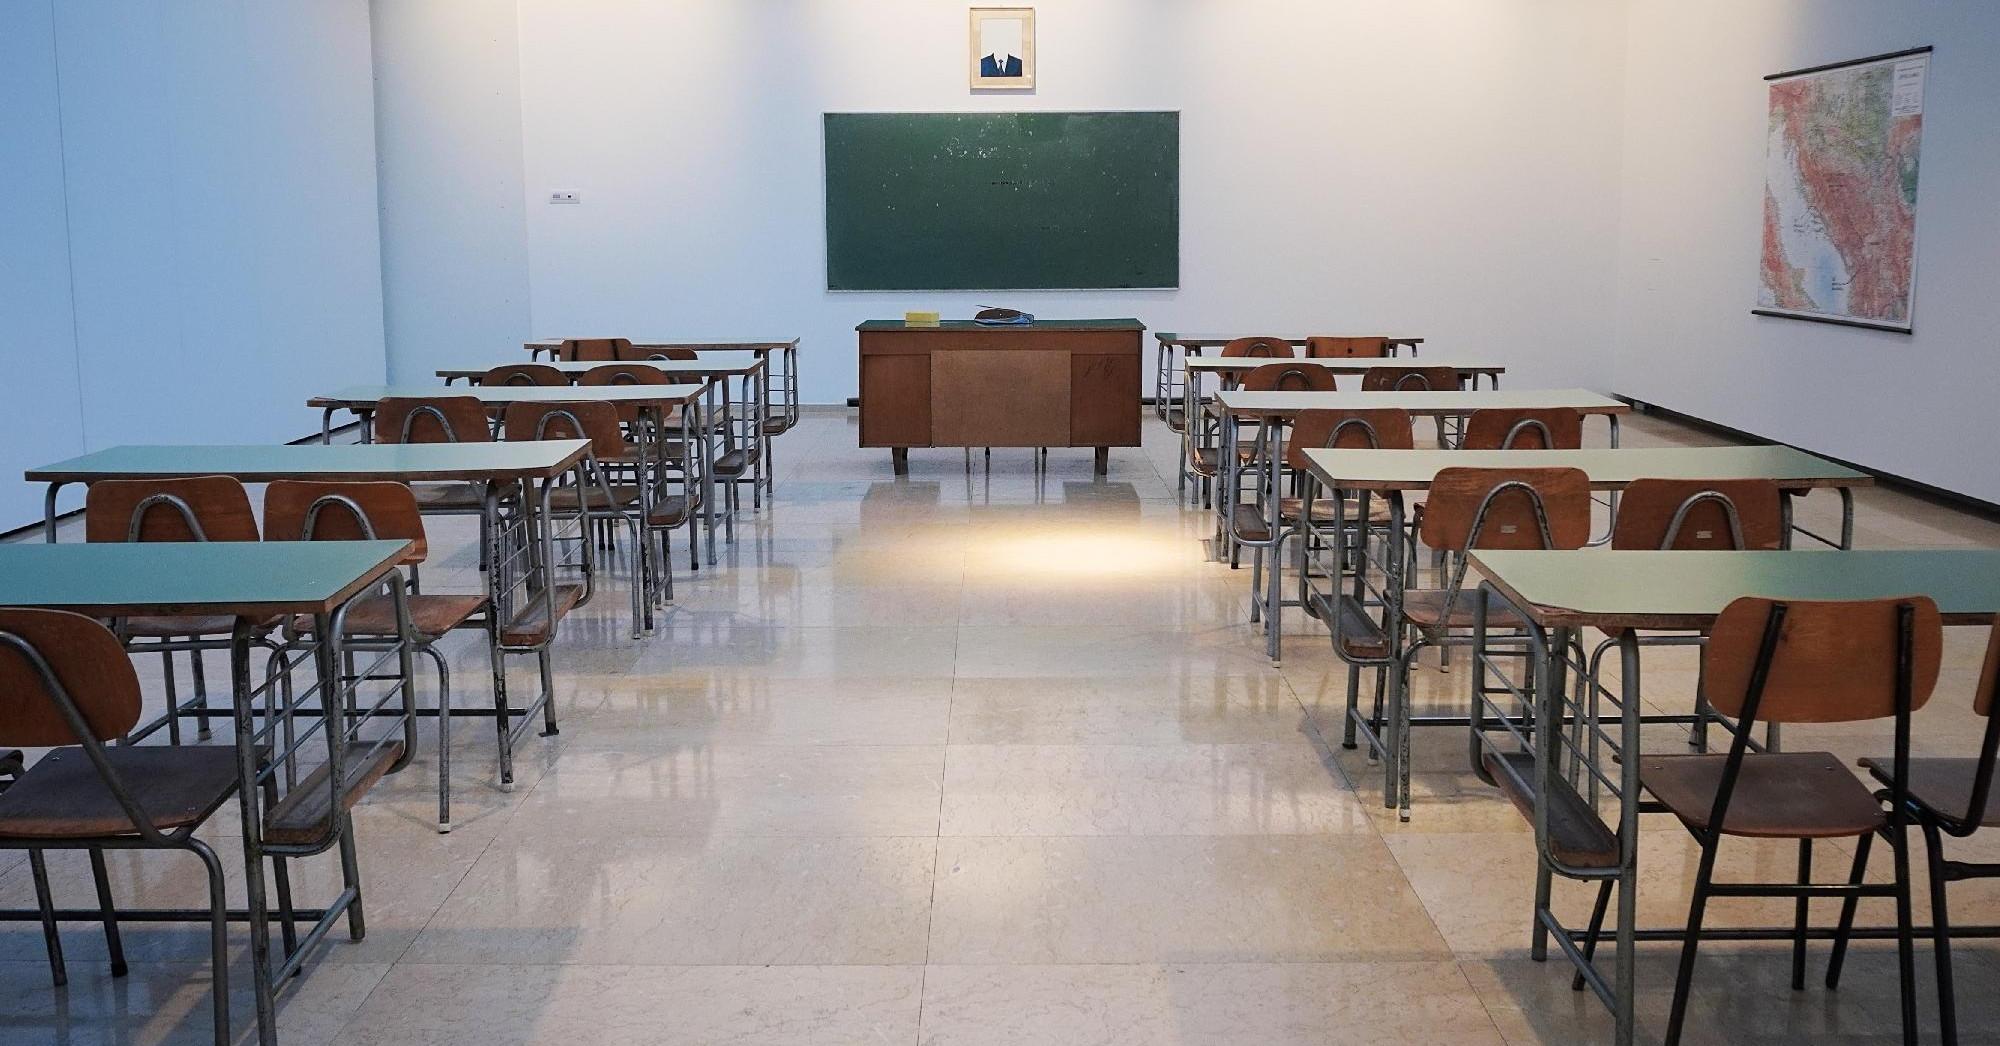 kereset az interneten egy tanár számára)